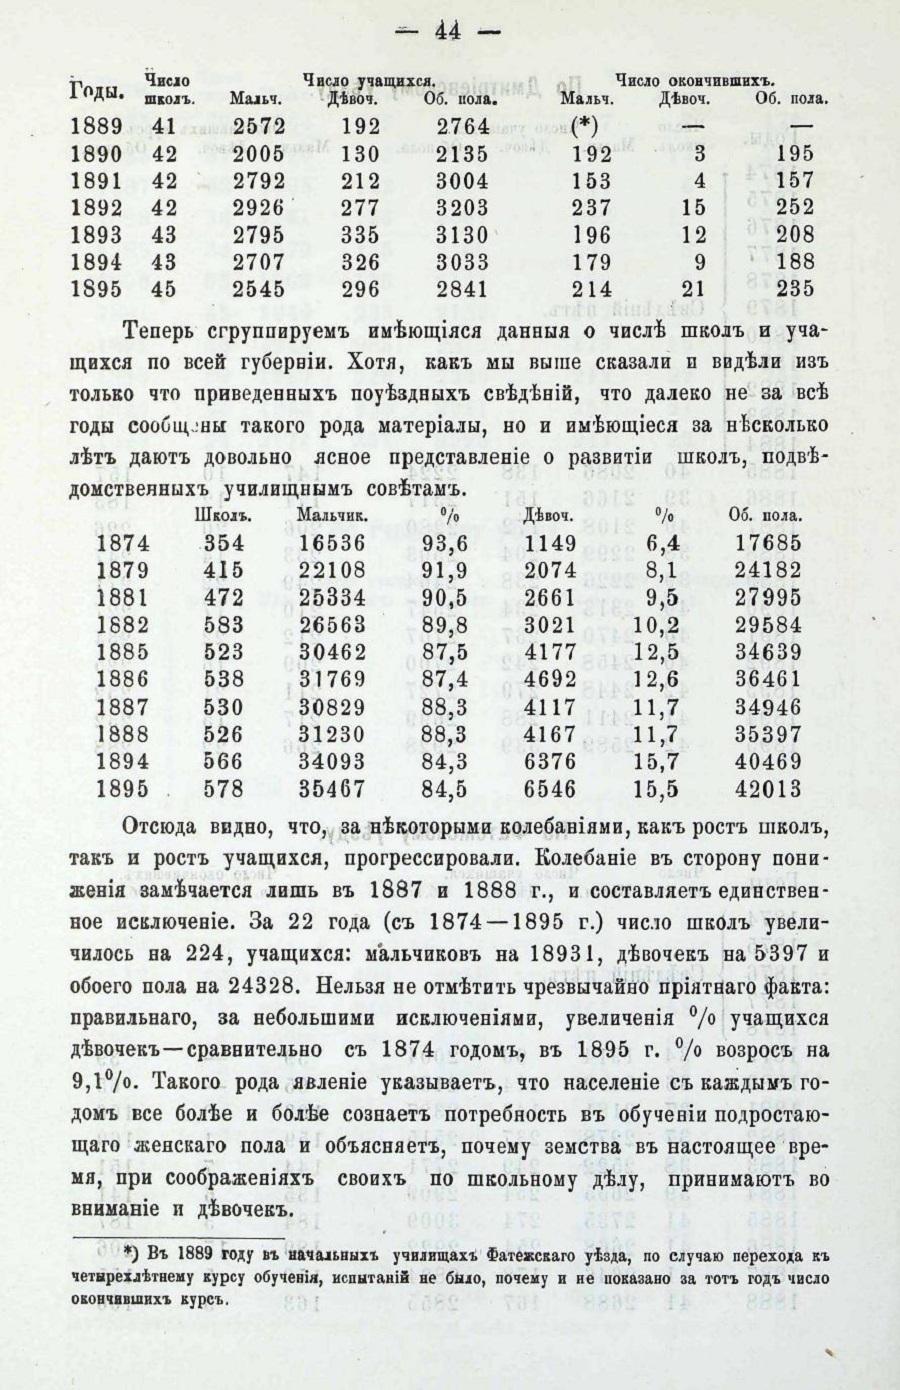 стр 65 кол-во учащихся Курской губернии